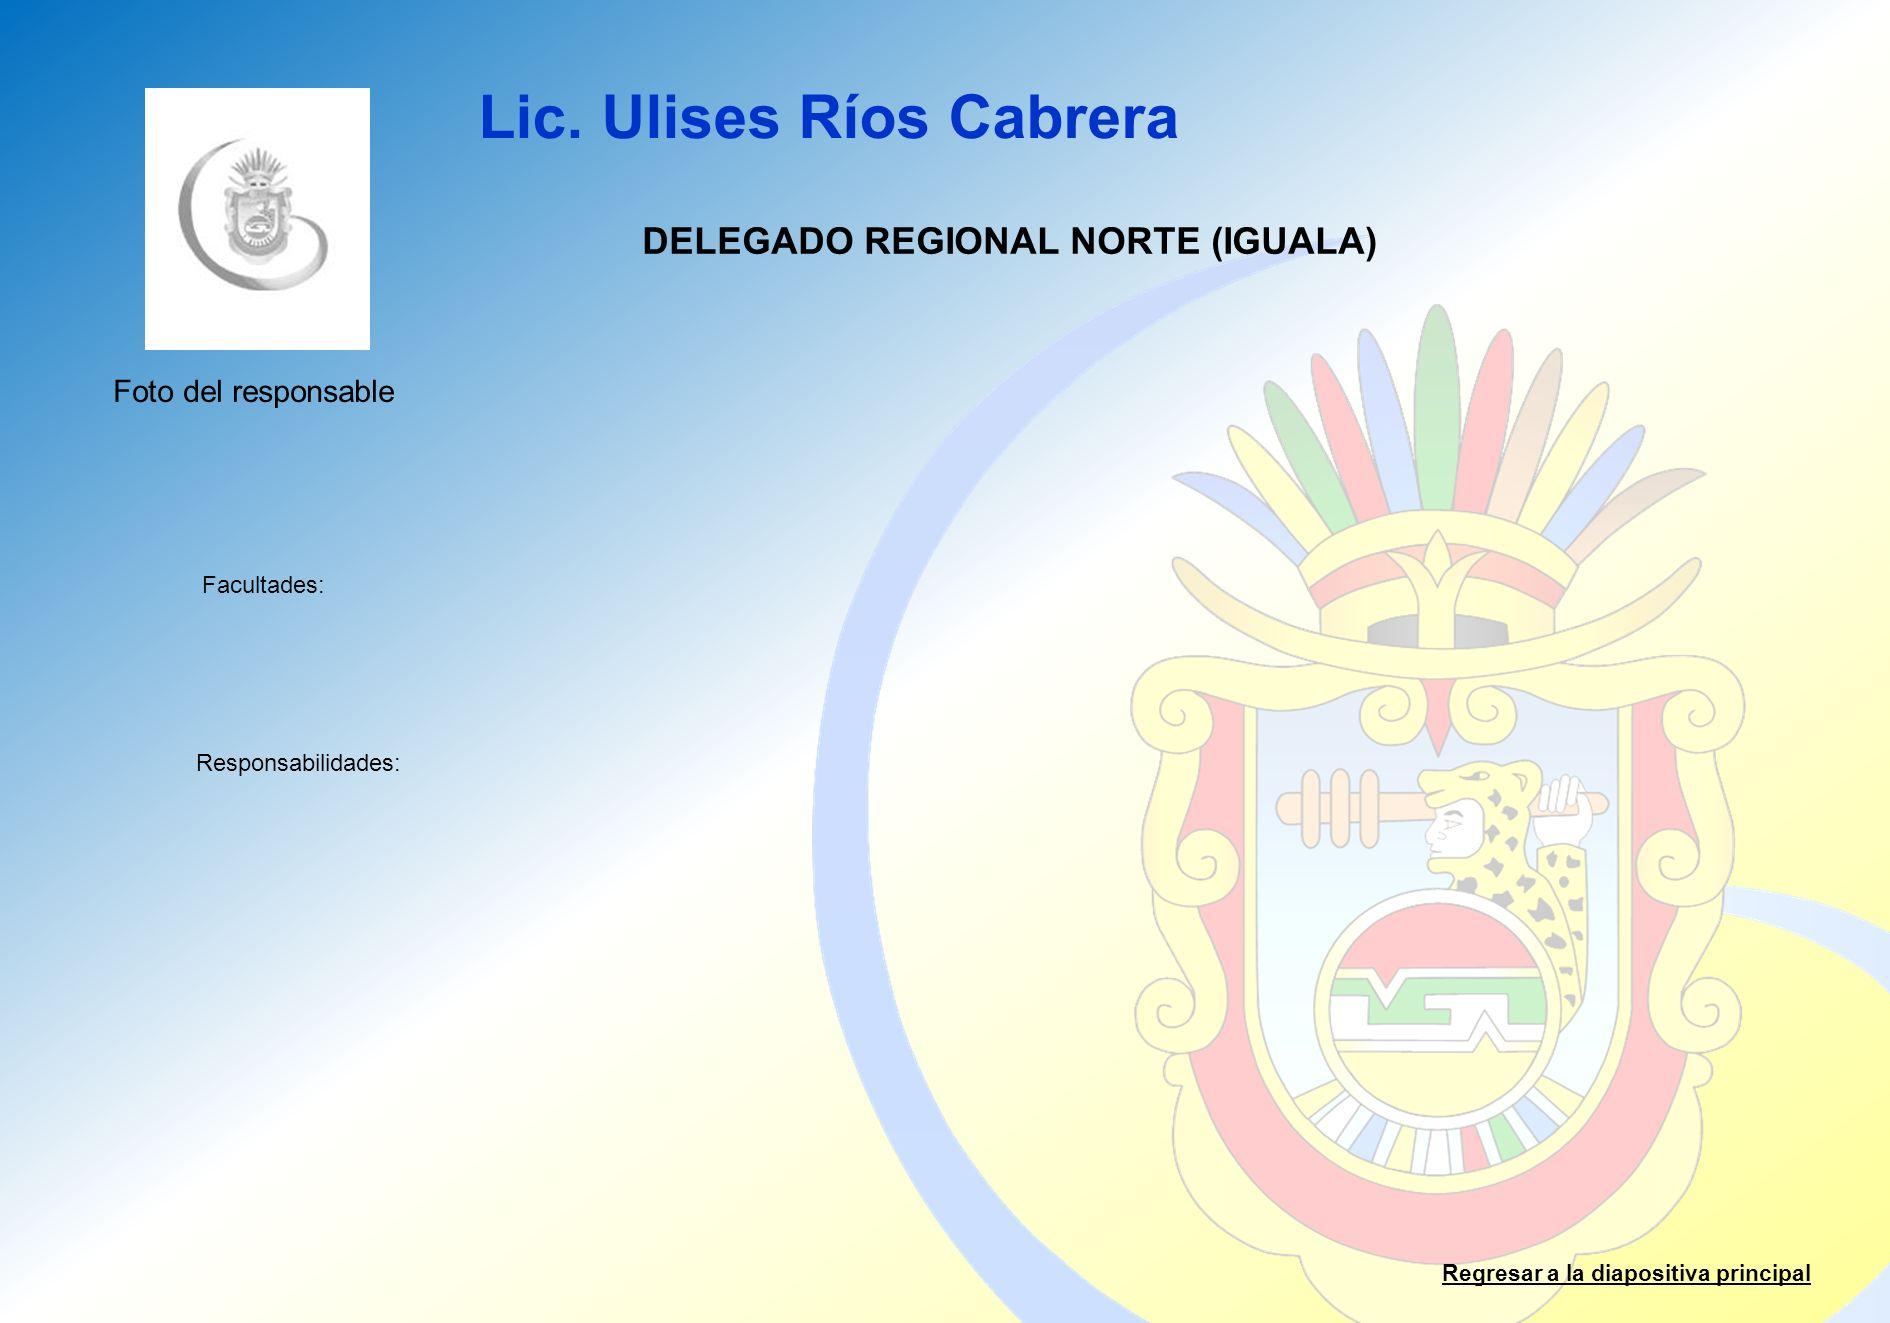 DELEGADO REGIONAL NORTE (IGUALA)